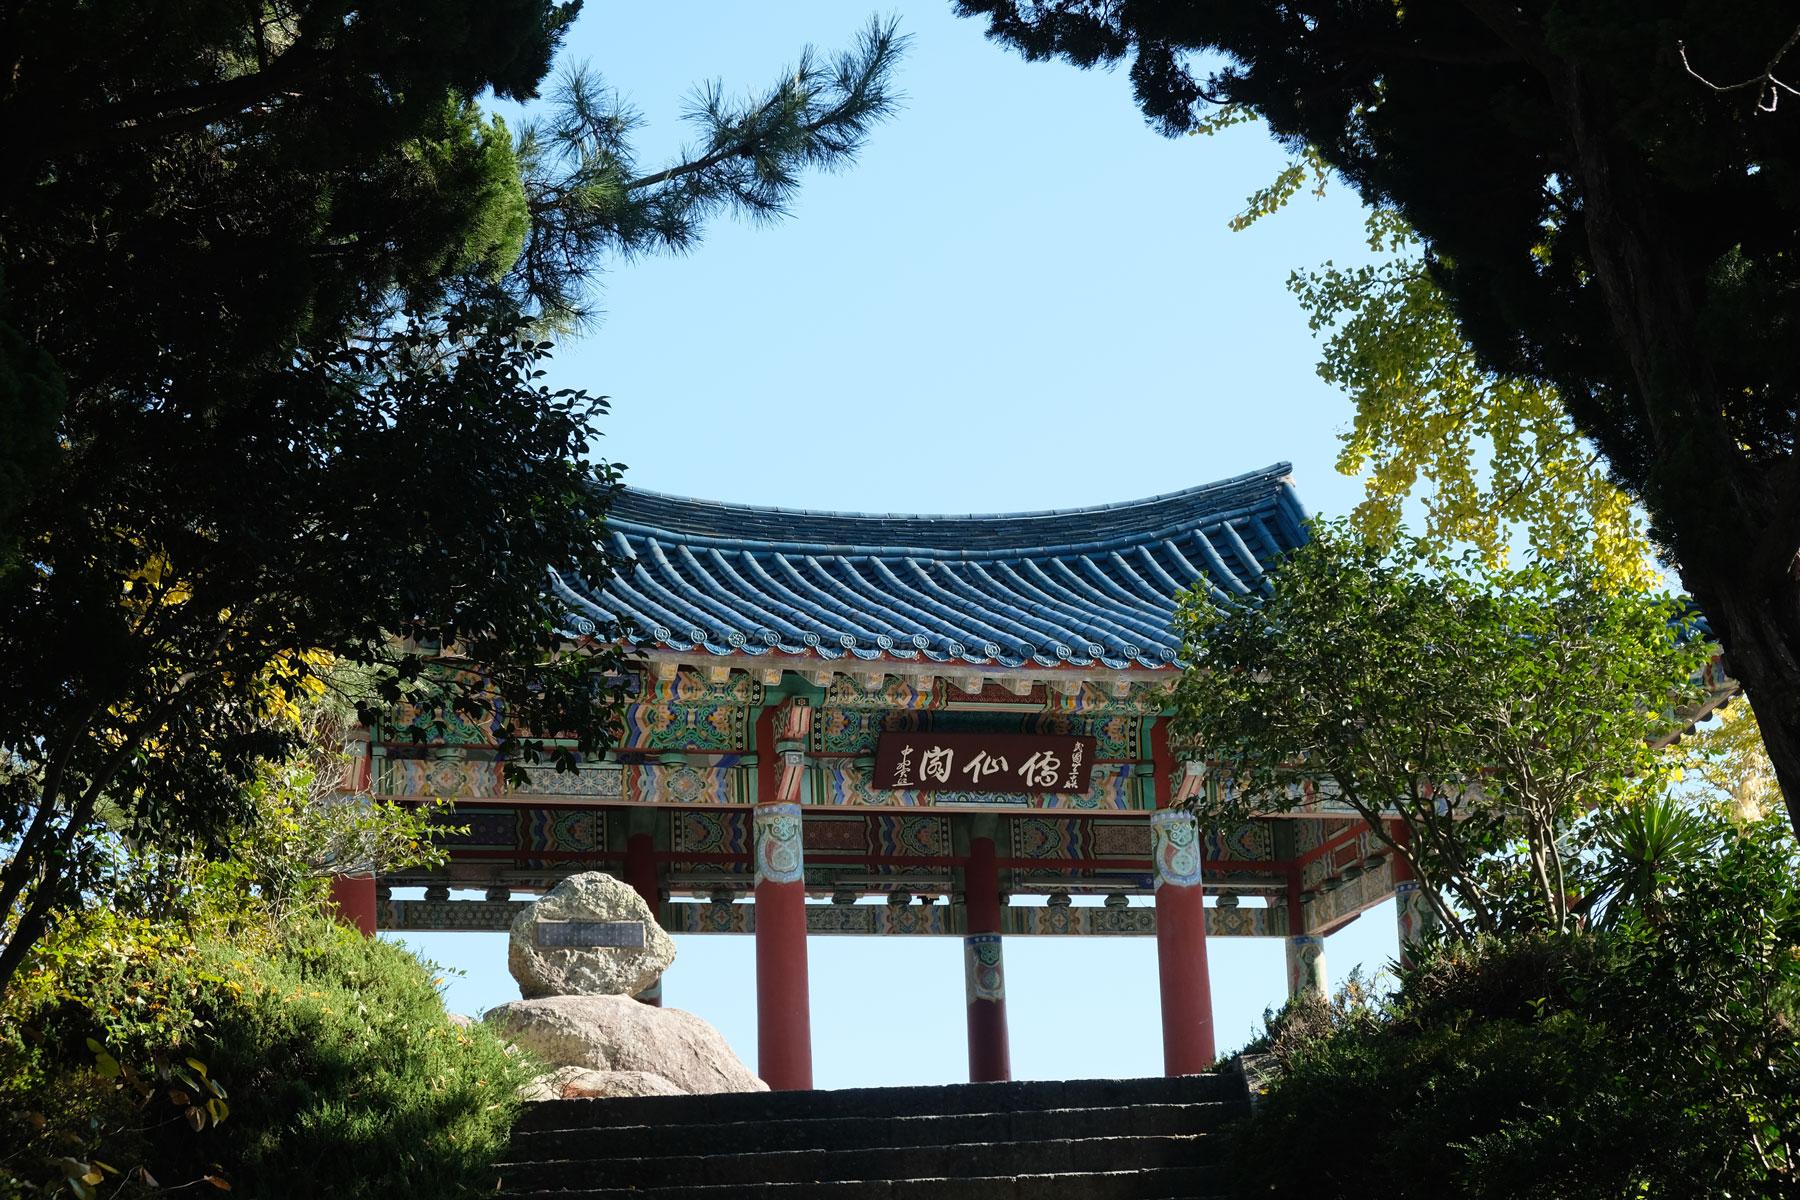 Eine Tempel auf den Jukgo-dong Berg in Mokpo, Südkorea.